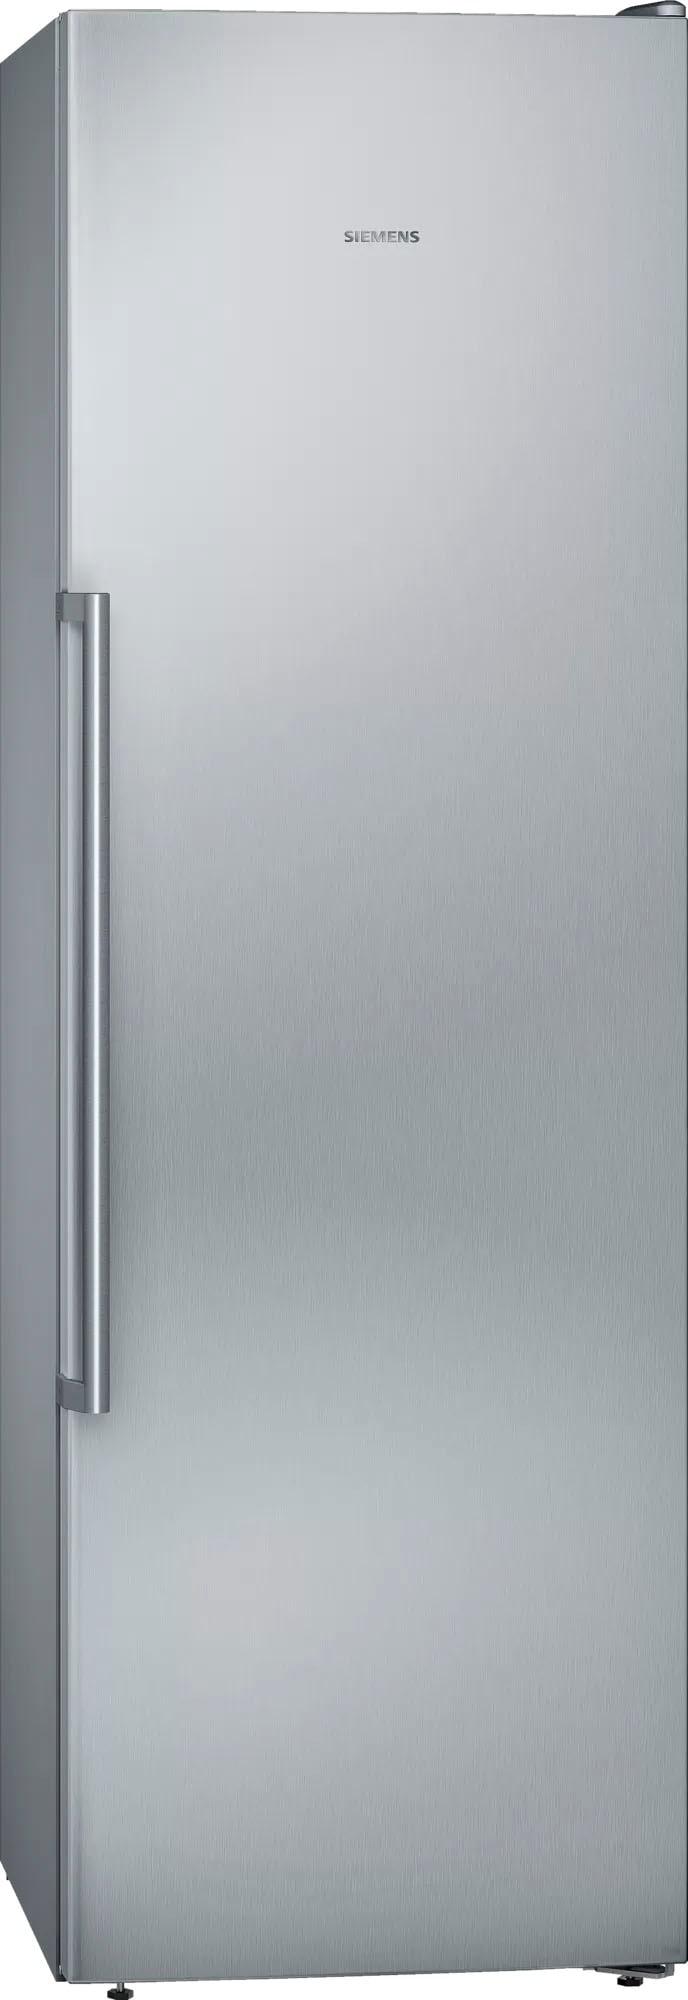 SIEMENS Gefrierschrank GS36NAEP, iQ500, 186 cm hoch, 60 cm breit